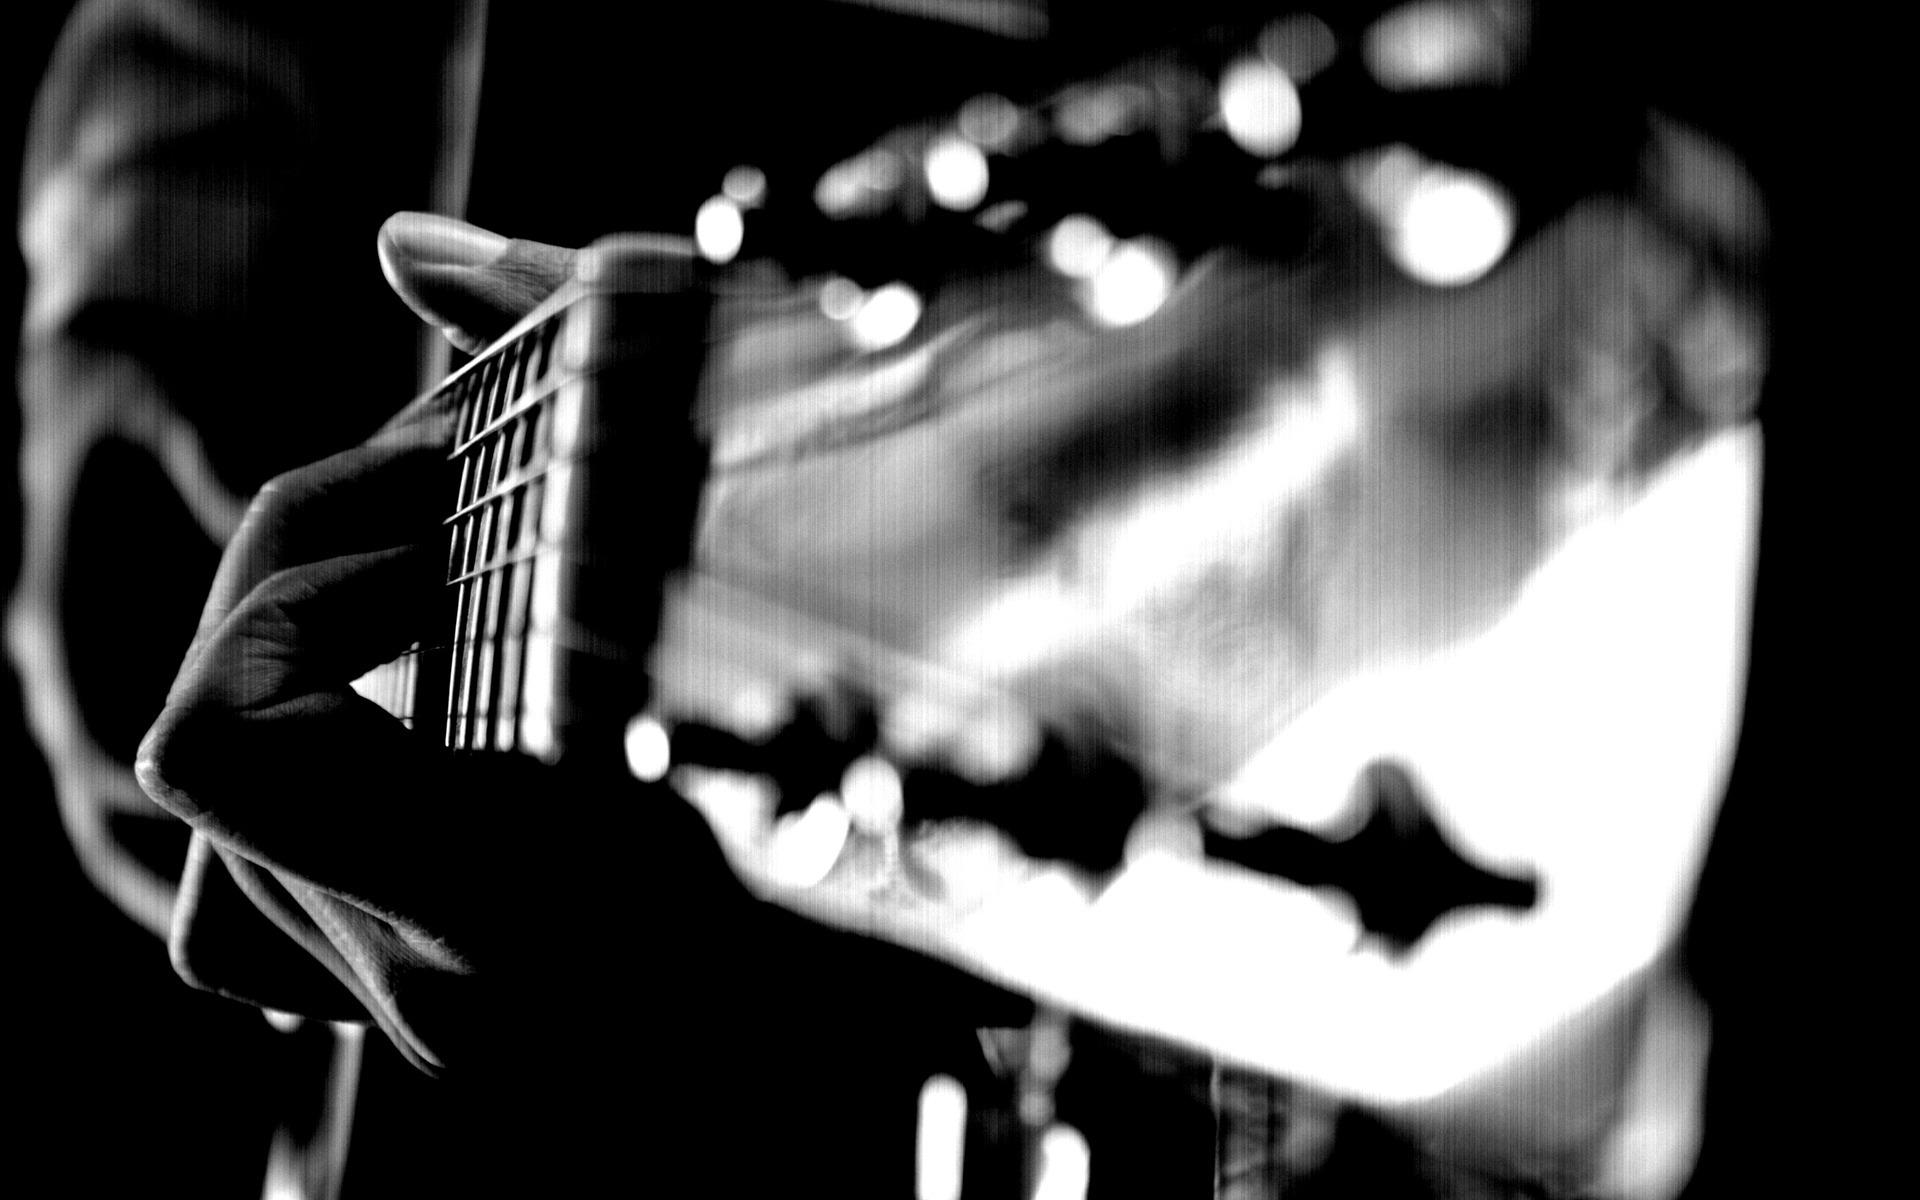 Guitar-guitar-28080617-1920-1200.jpg